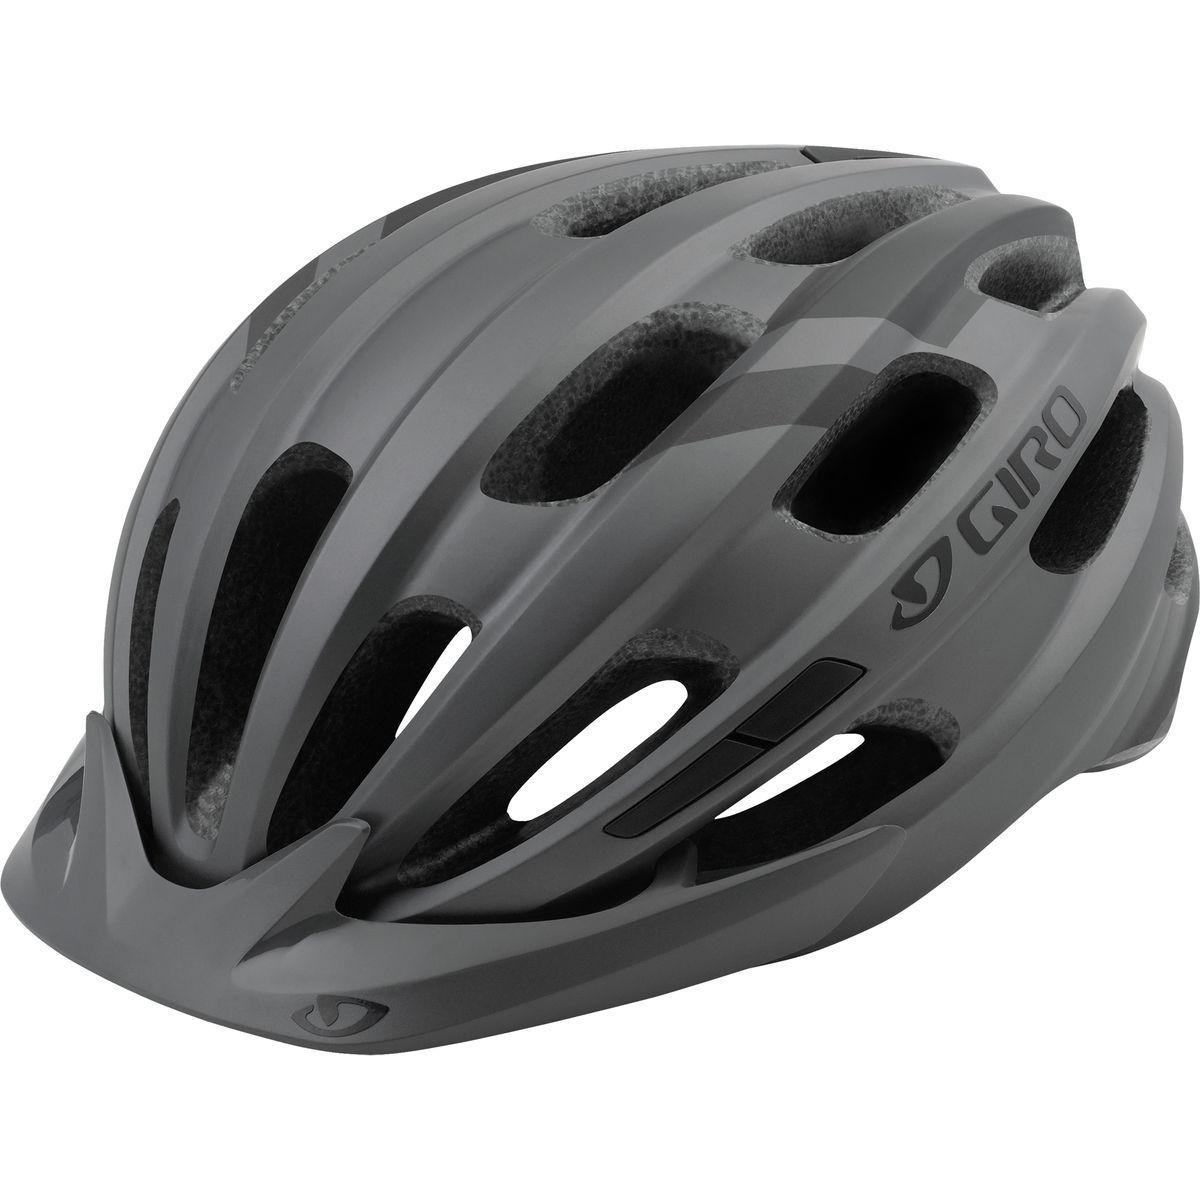 Giro Register Mips Helmet In 2020 Cool Bike Helmets Helmet Bike